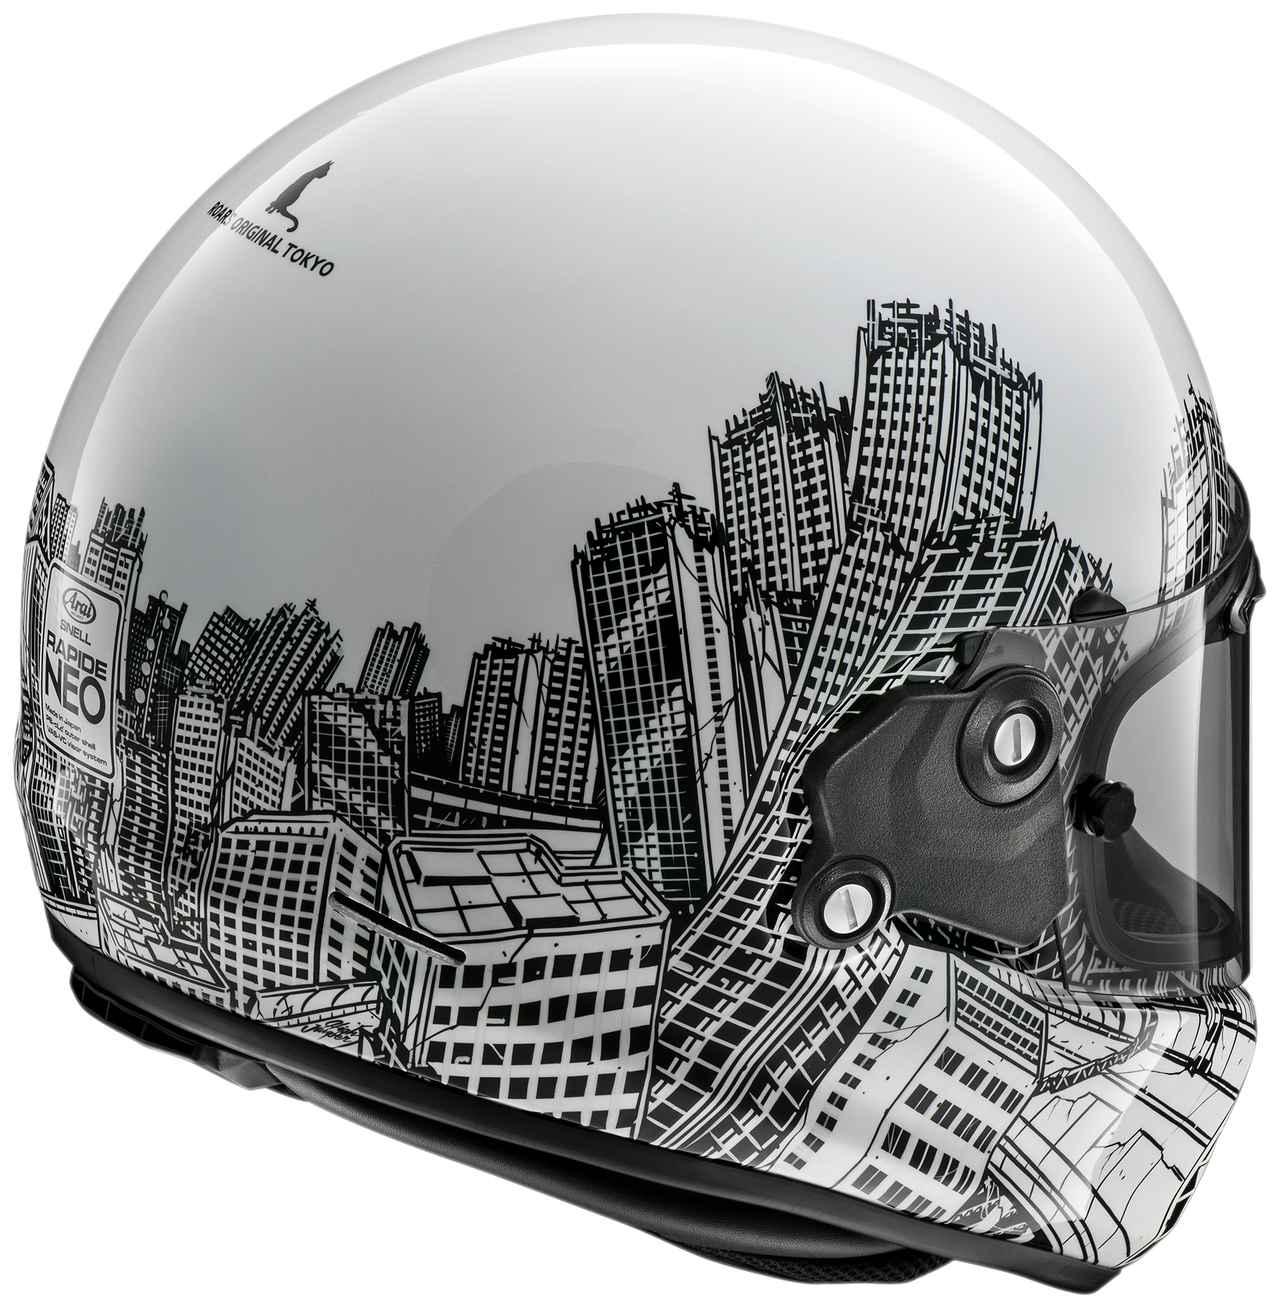 Images : 2番目の画像 - アライヘルメット「ラパイド・ネオ ロアーズ」 - webオートバイ